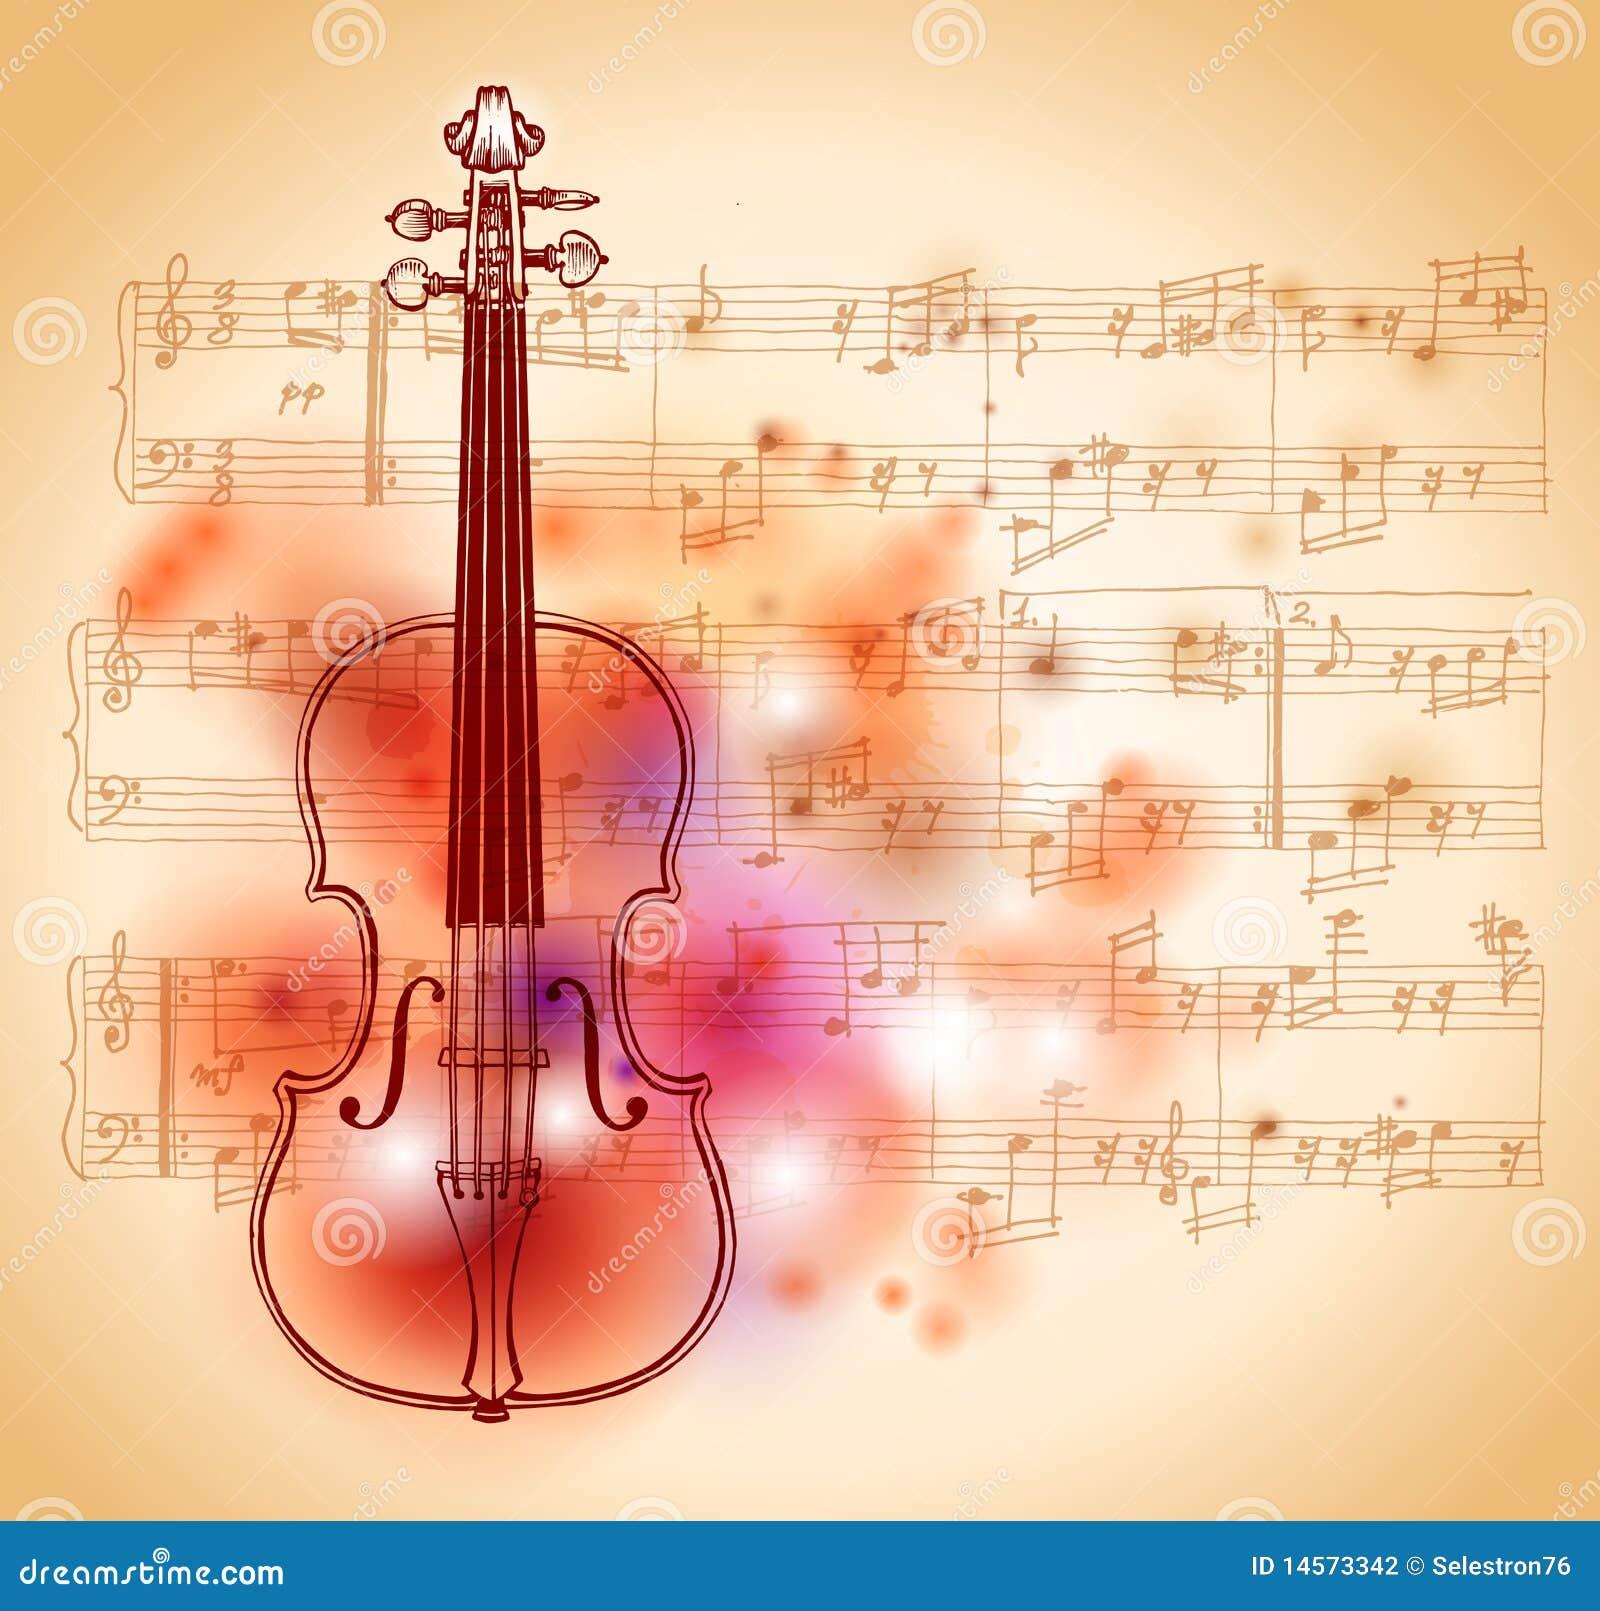 violine aufbau beschreibung